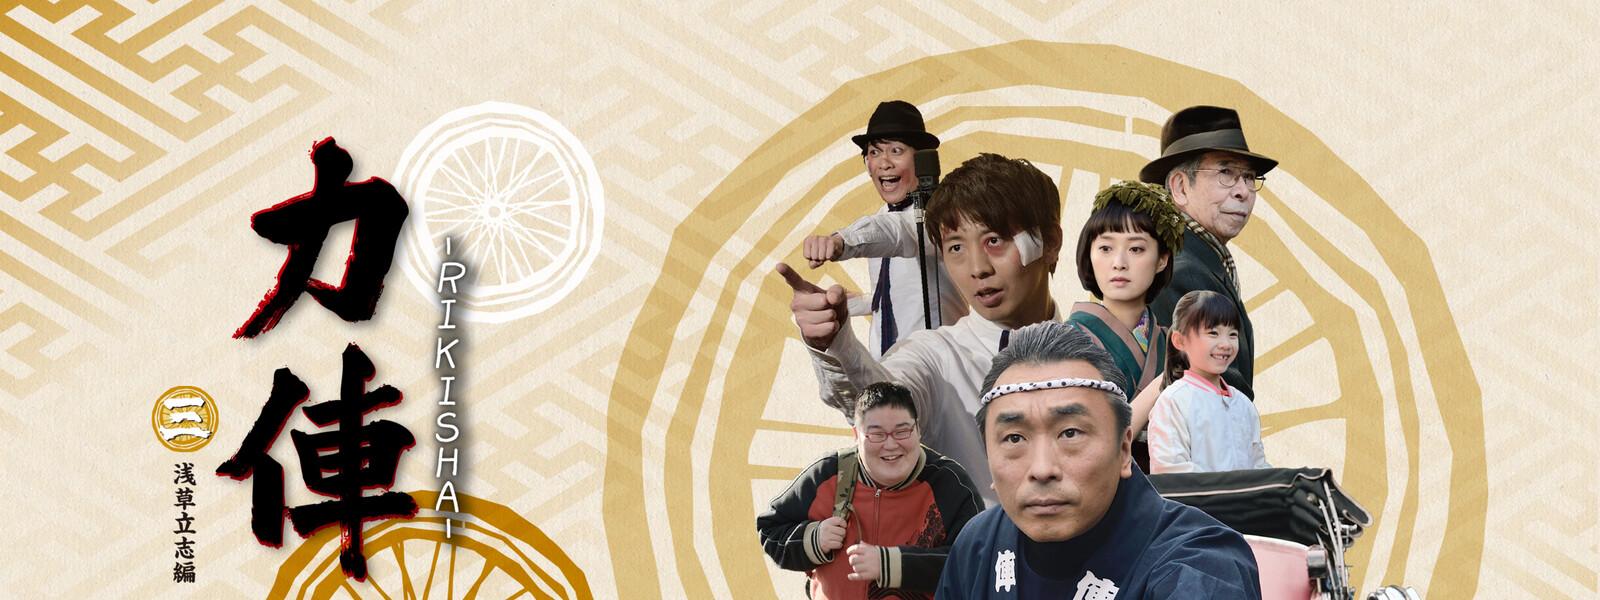 力俥-RIKISHA- 3 浅草立志編の動画 - 力俥-RIKISHA- 4 すみだ旅立ち編